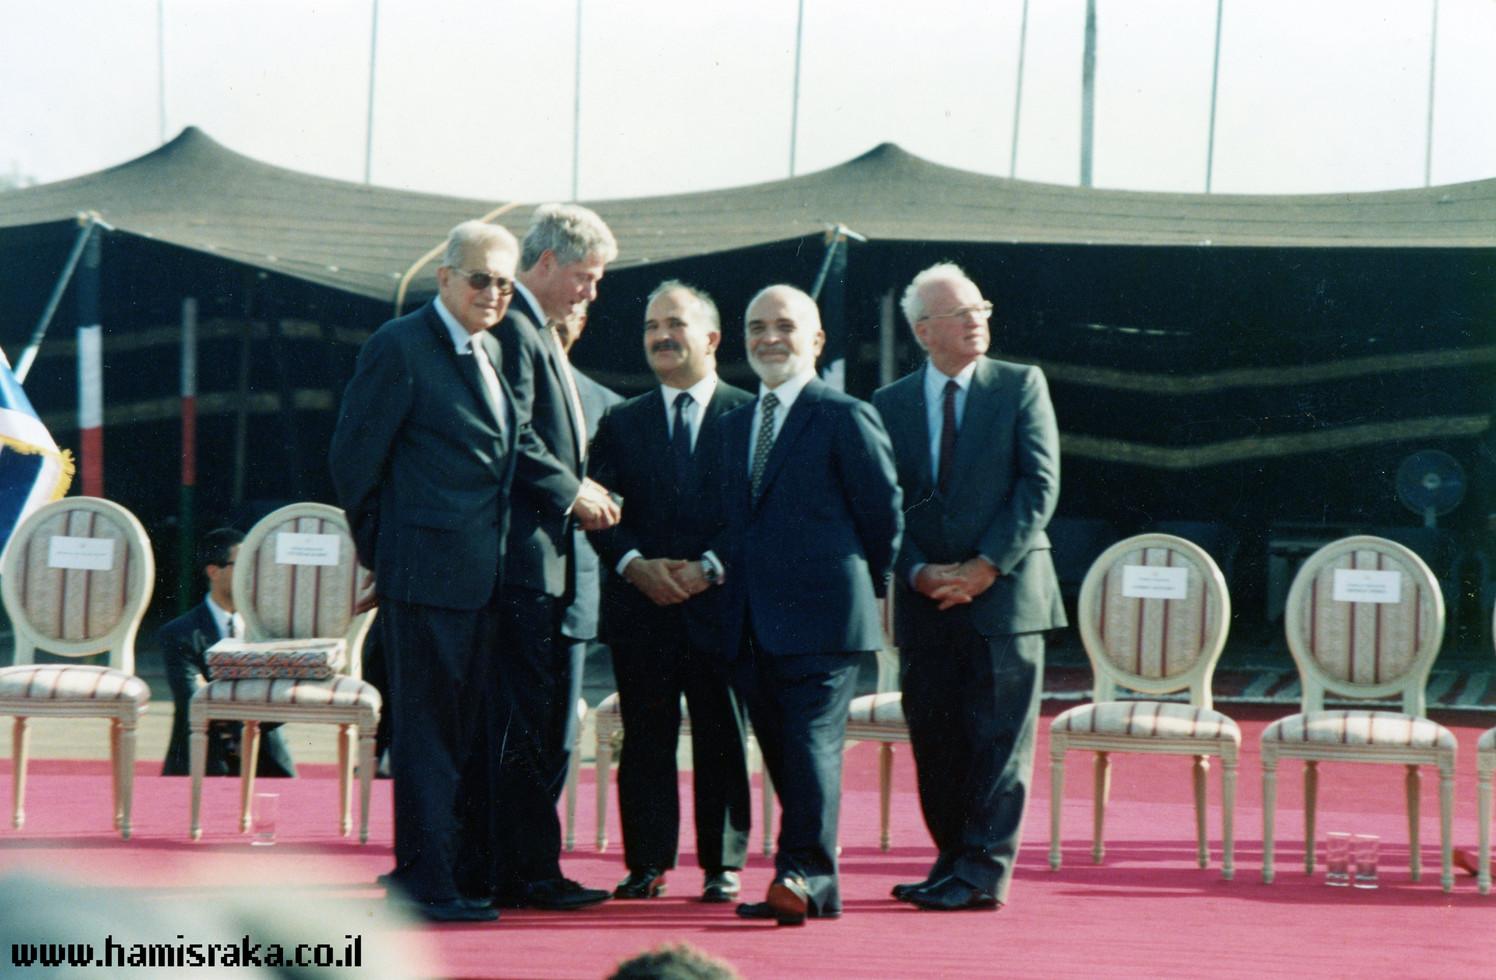 Pnina-Bor-Jordan-Peace-1.jpg